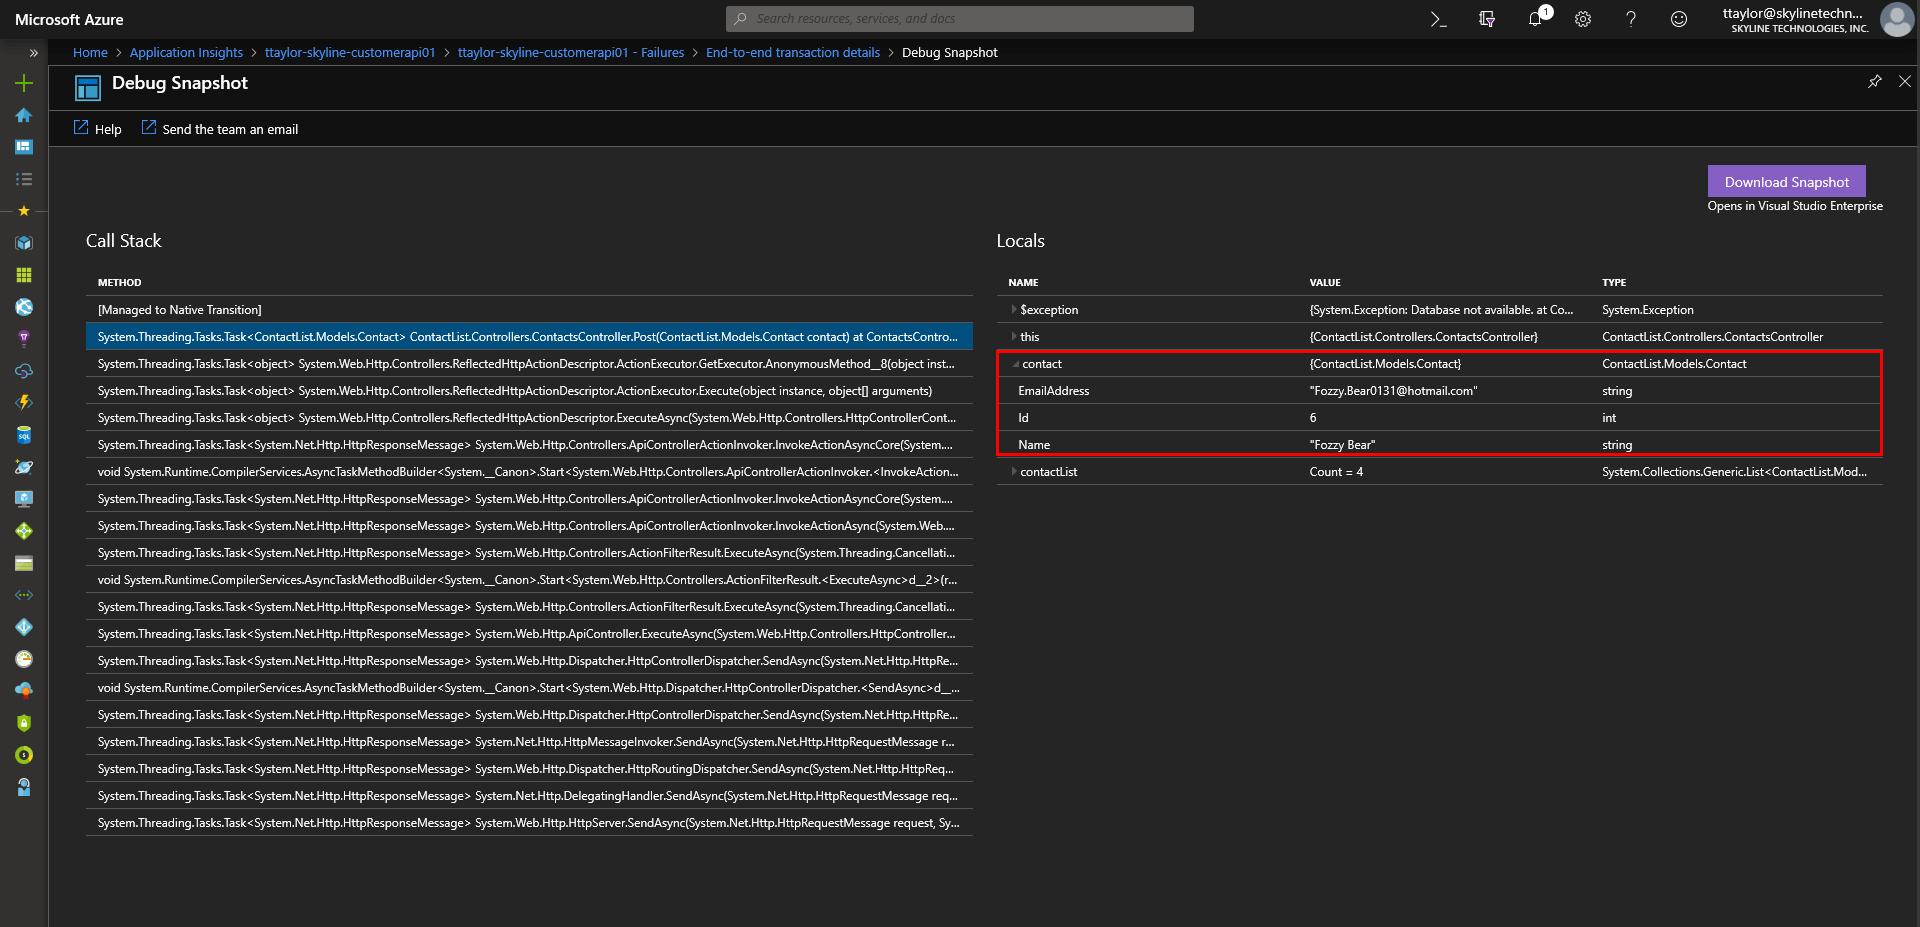 azure snapshot debugger failures